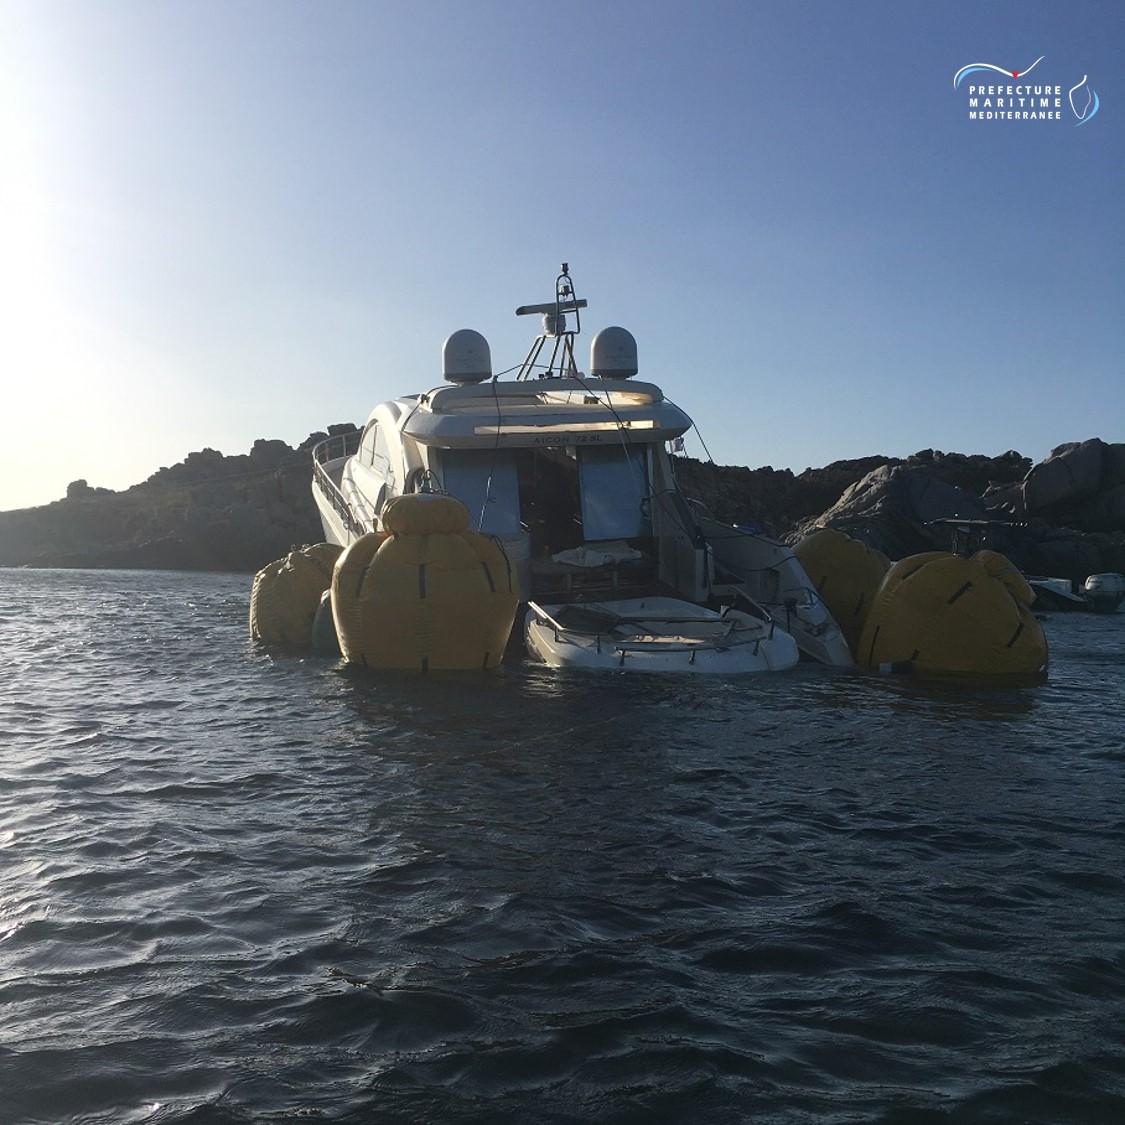 Remorqué vers le port de Porto-Vecchio, le Régis ne risque plus de s'échouer